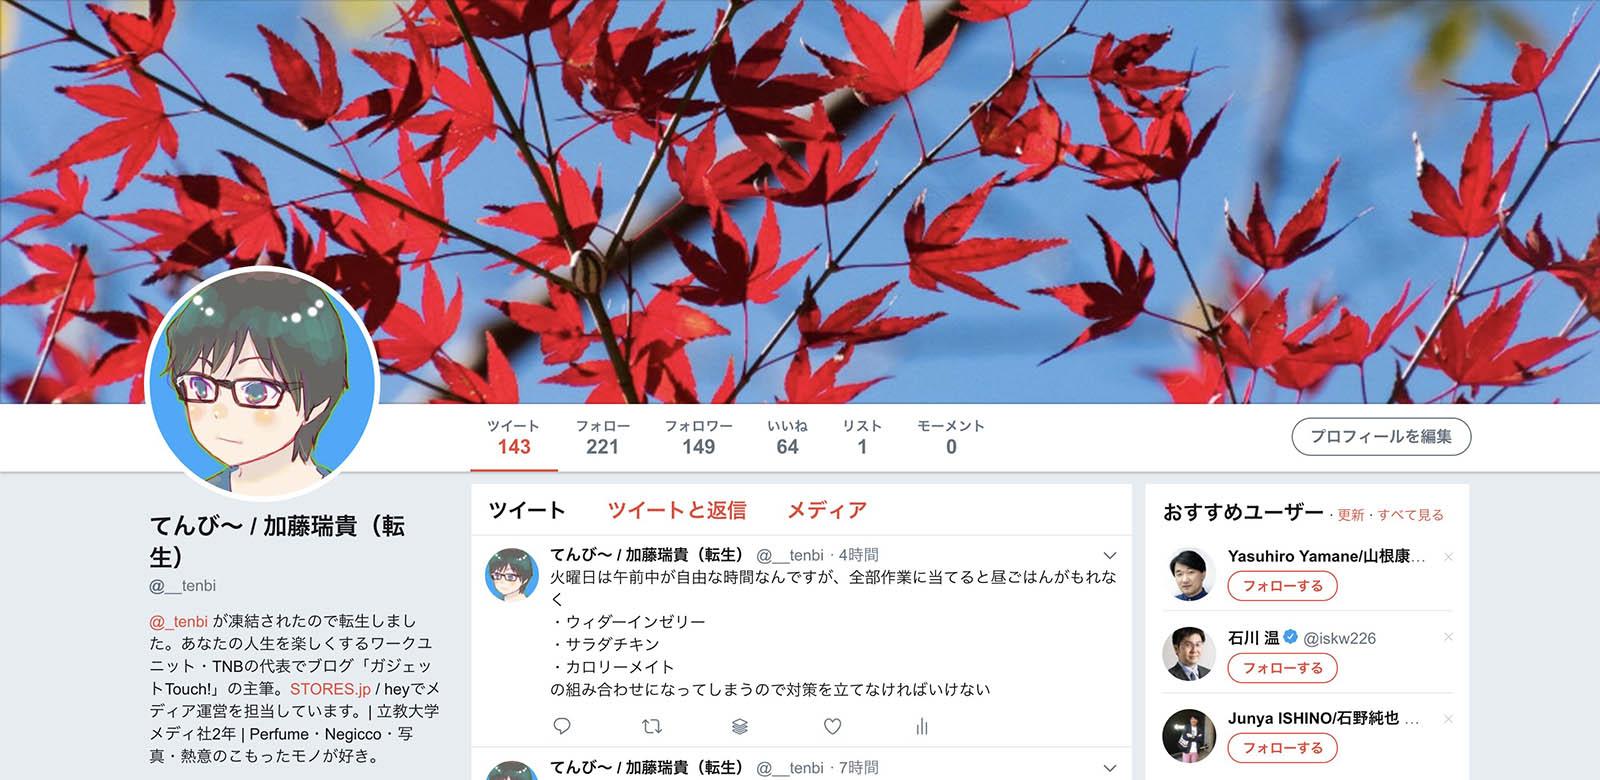 新しいTwitterアカウントを作りました